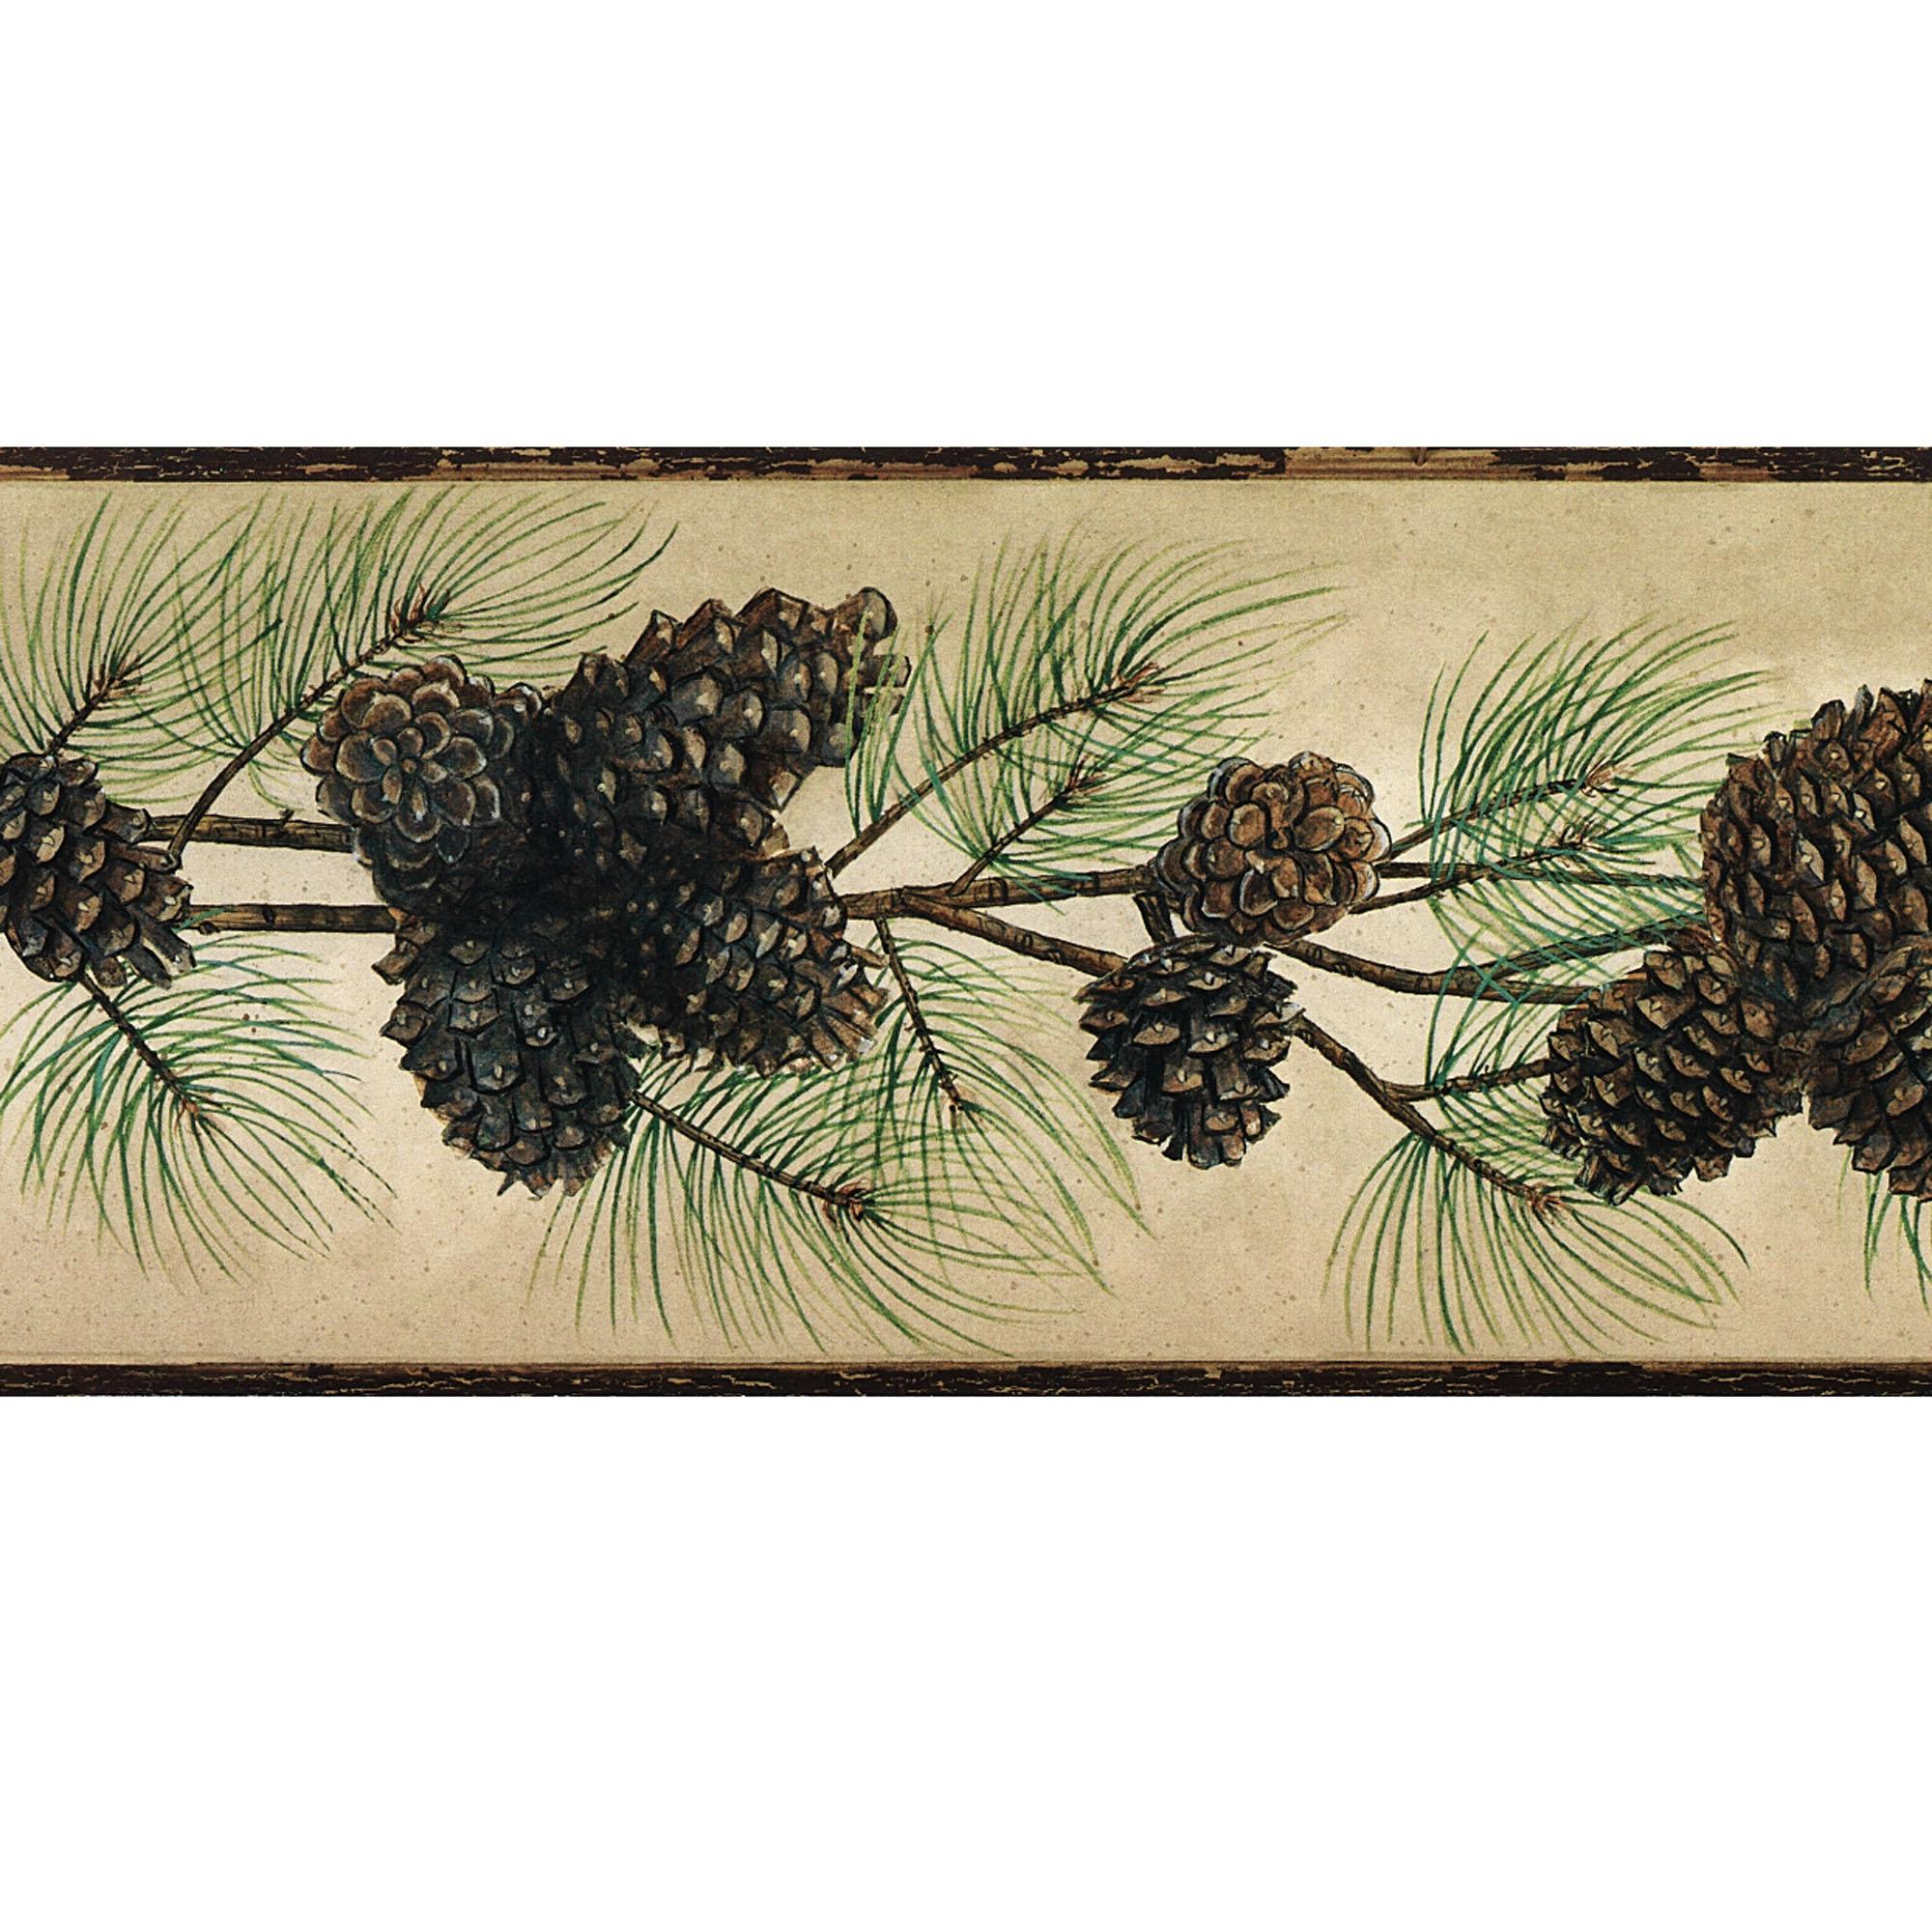 Rustic Pine Cone Wallpaper Border Multi Earth 2000x2000